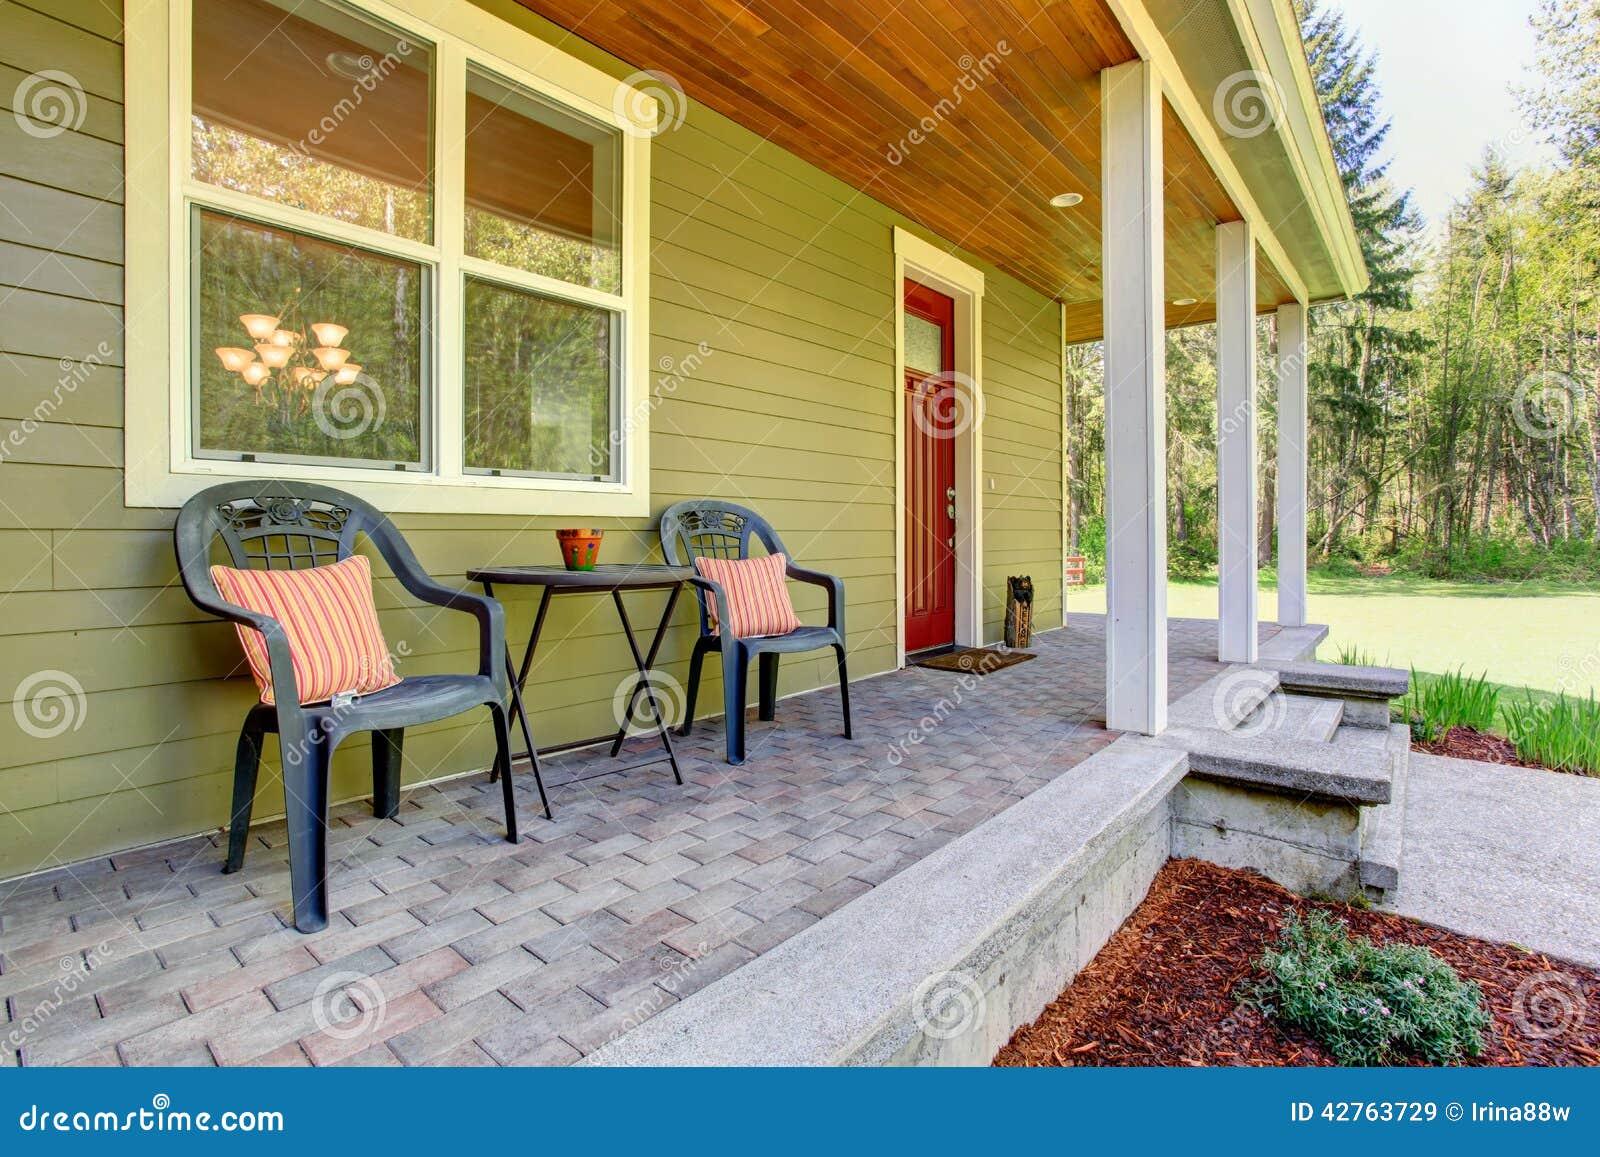 Ext rieur de maison de campagne vue de porche d 39 entr e avec des chaises image stock image du - Maison avec porche d entree ...